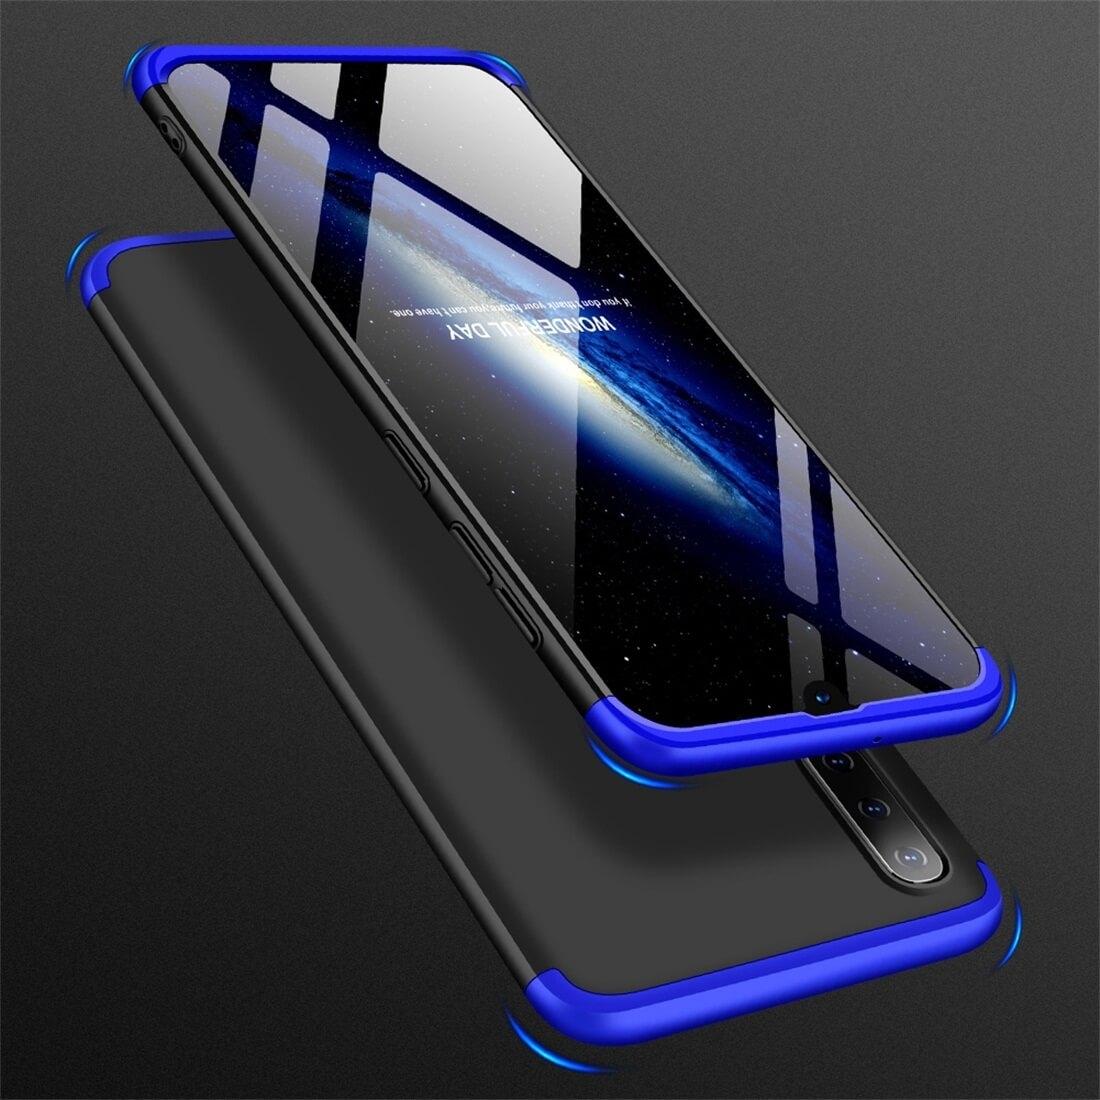 FORCELL 360 ° Ochranný obal Samsung Galaxy A50 černý-modrý